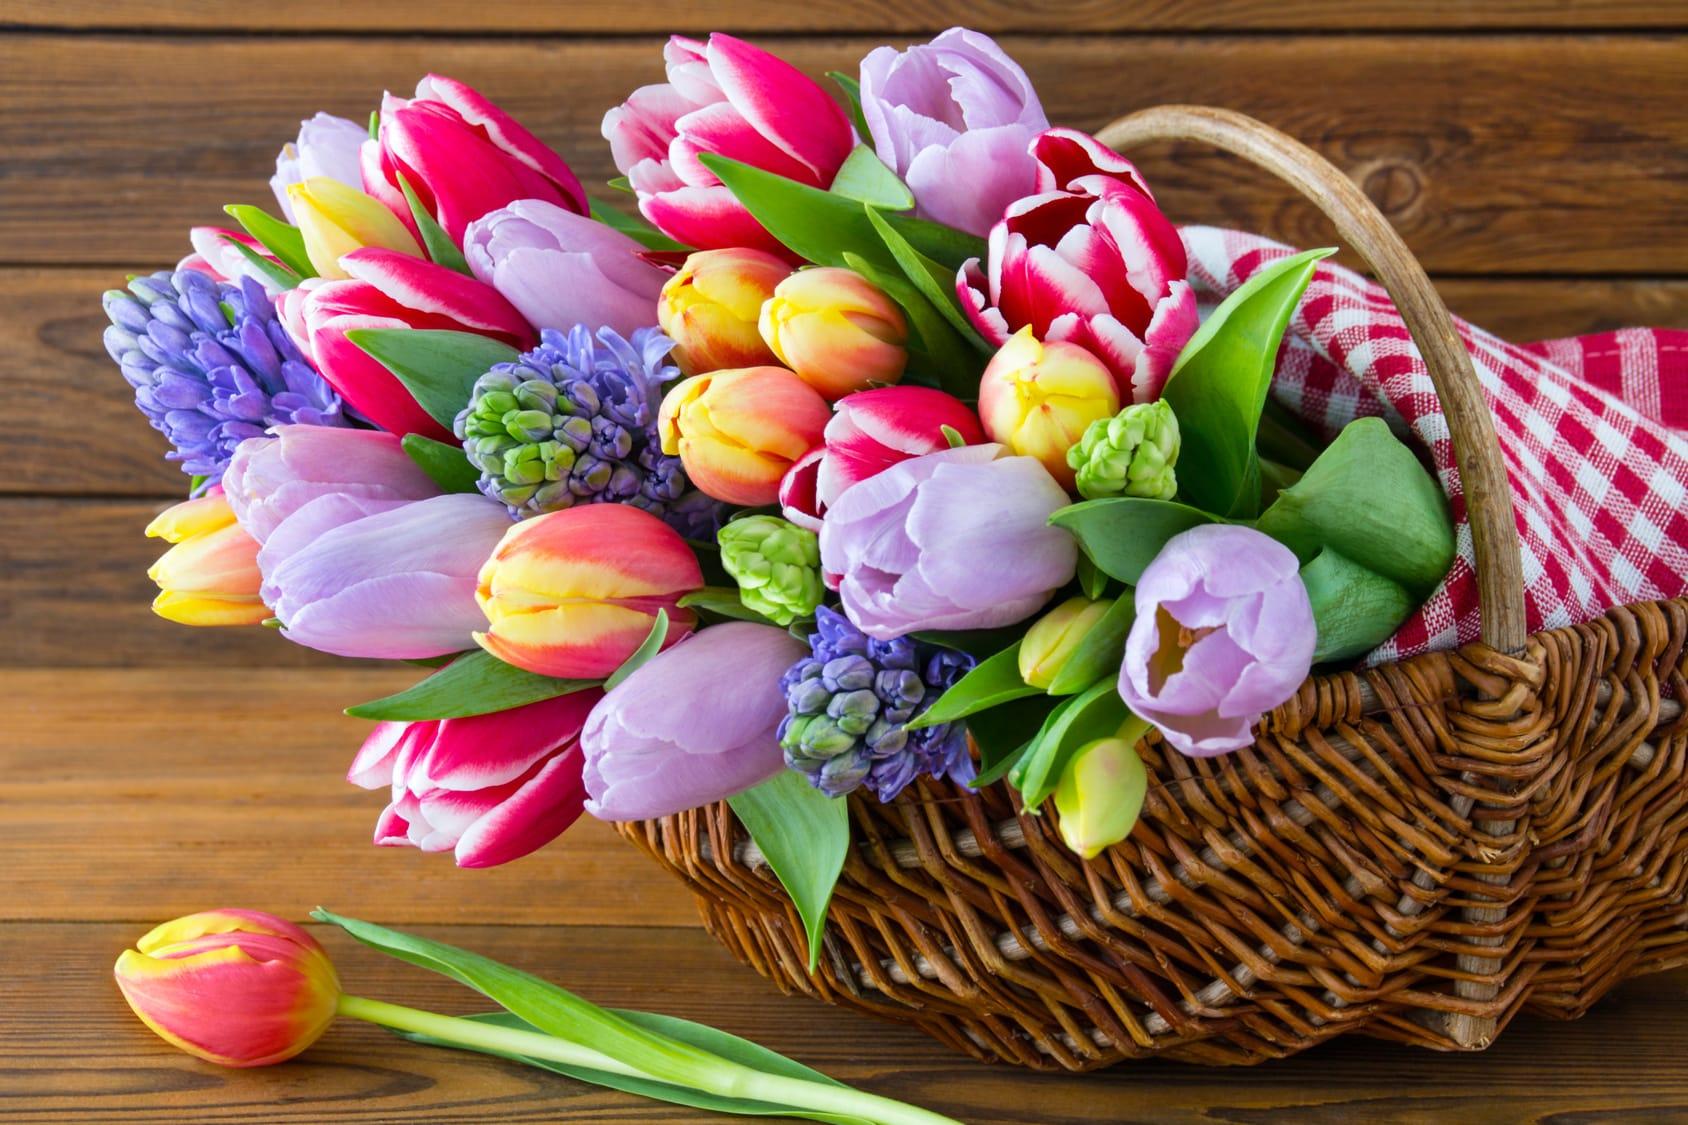 Schnittblumen frisch halten  4 Tipps  Tricks  Haushaltstippsnet